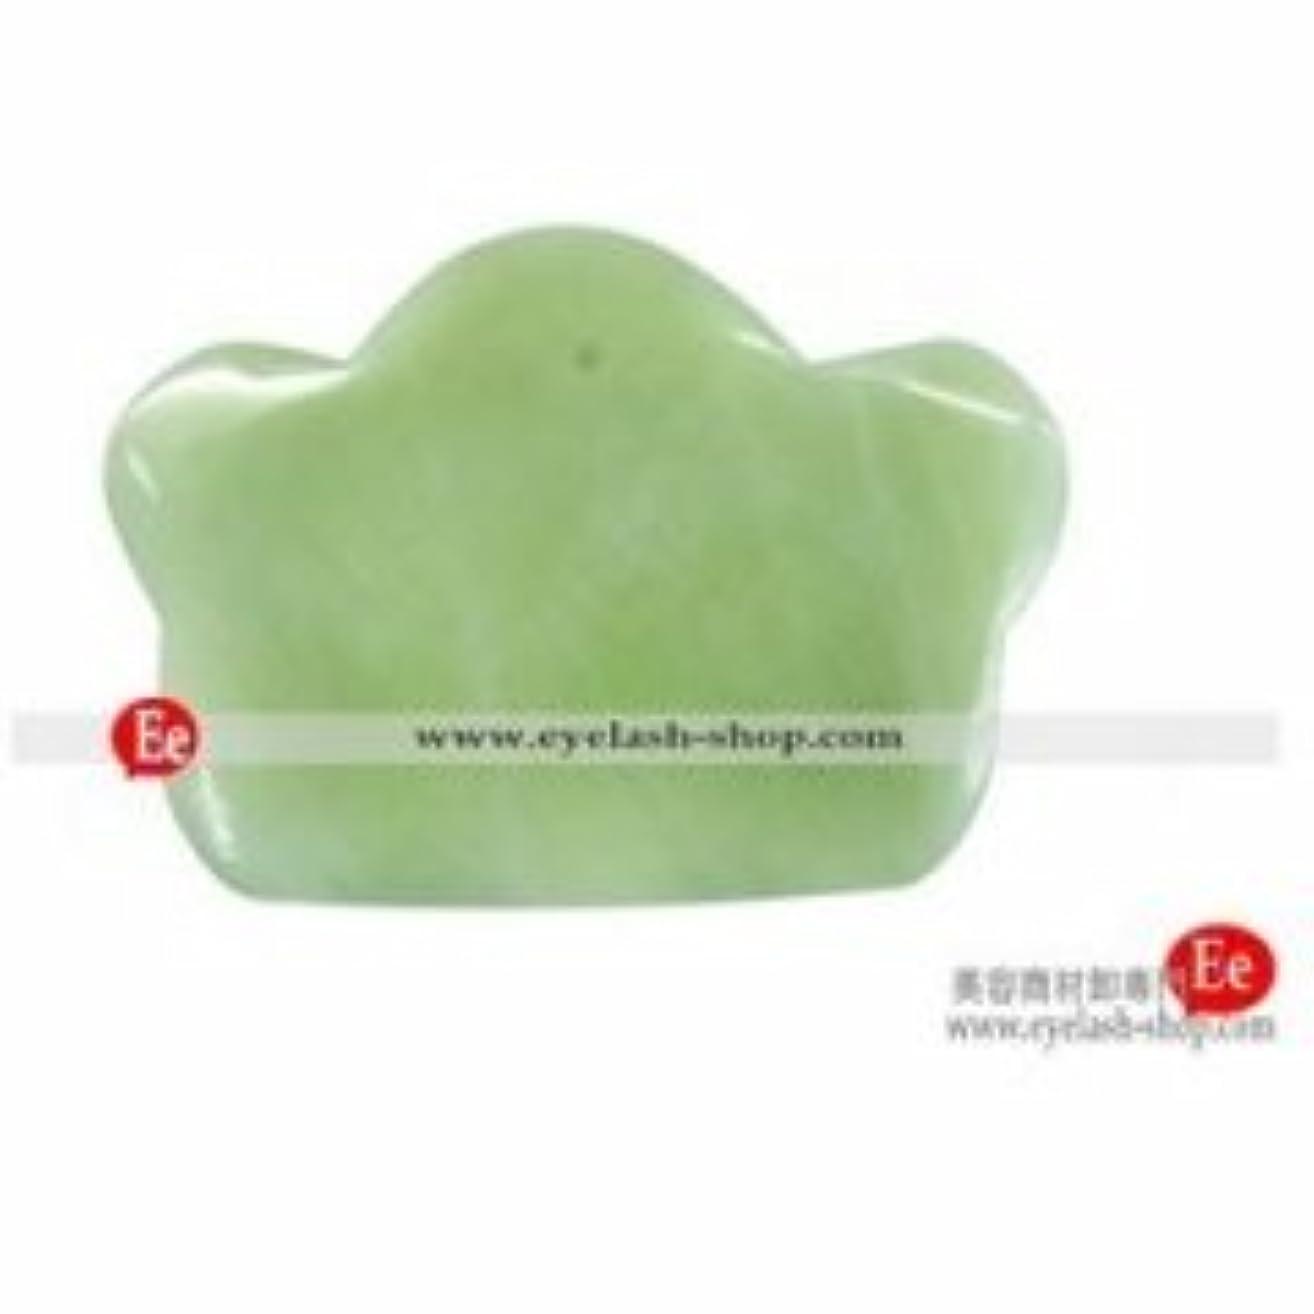 閉じ込める香ばしい関数本翡翠 かっさ板 かっさプレート 美容マッサージかっさ板 グアシャ板 B-7